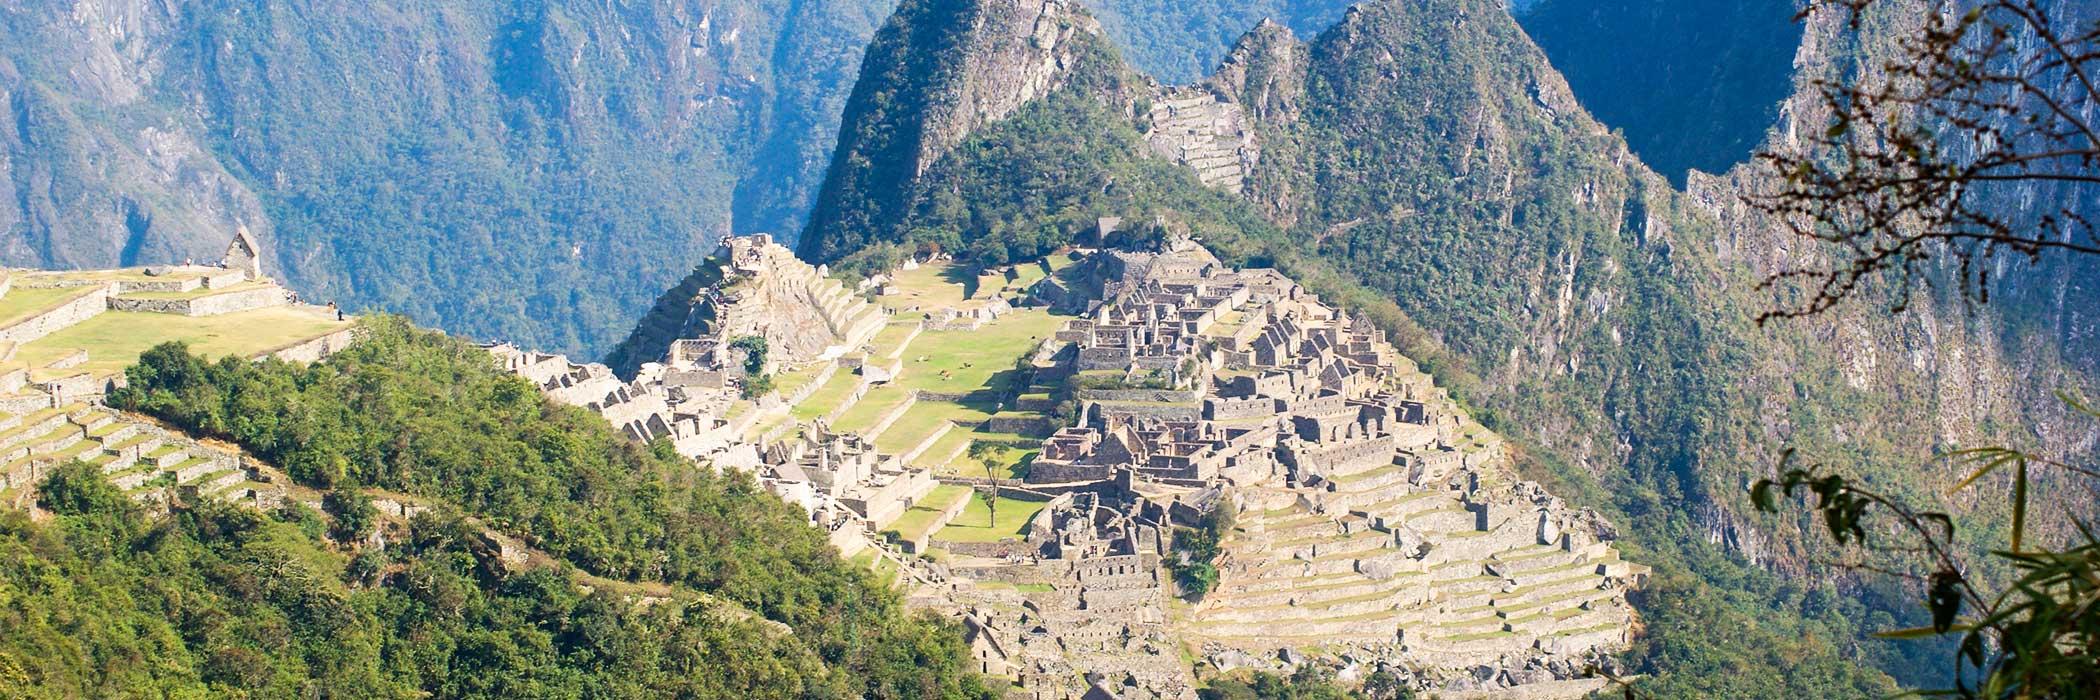 short inca trail 2 days machu picchu (1)